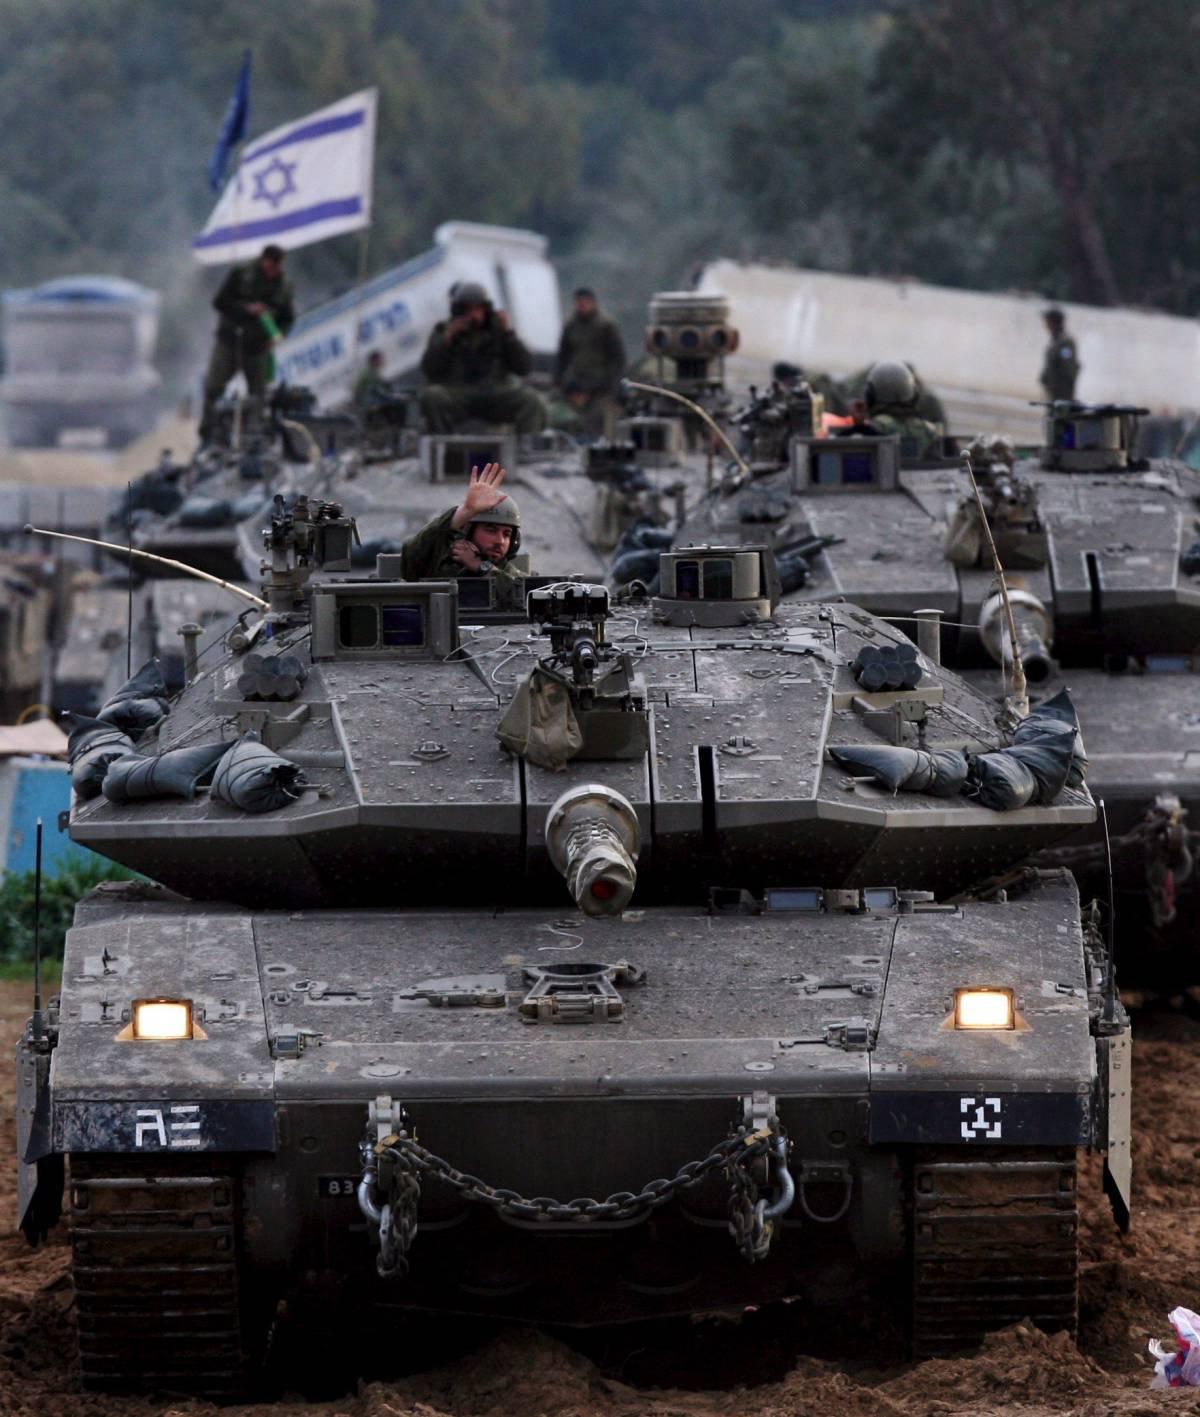 Tank di Israele alla periferia di Gaza. Obama: mi impegnerò per la pace